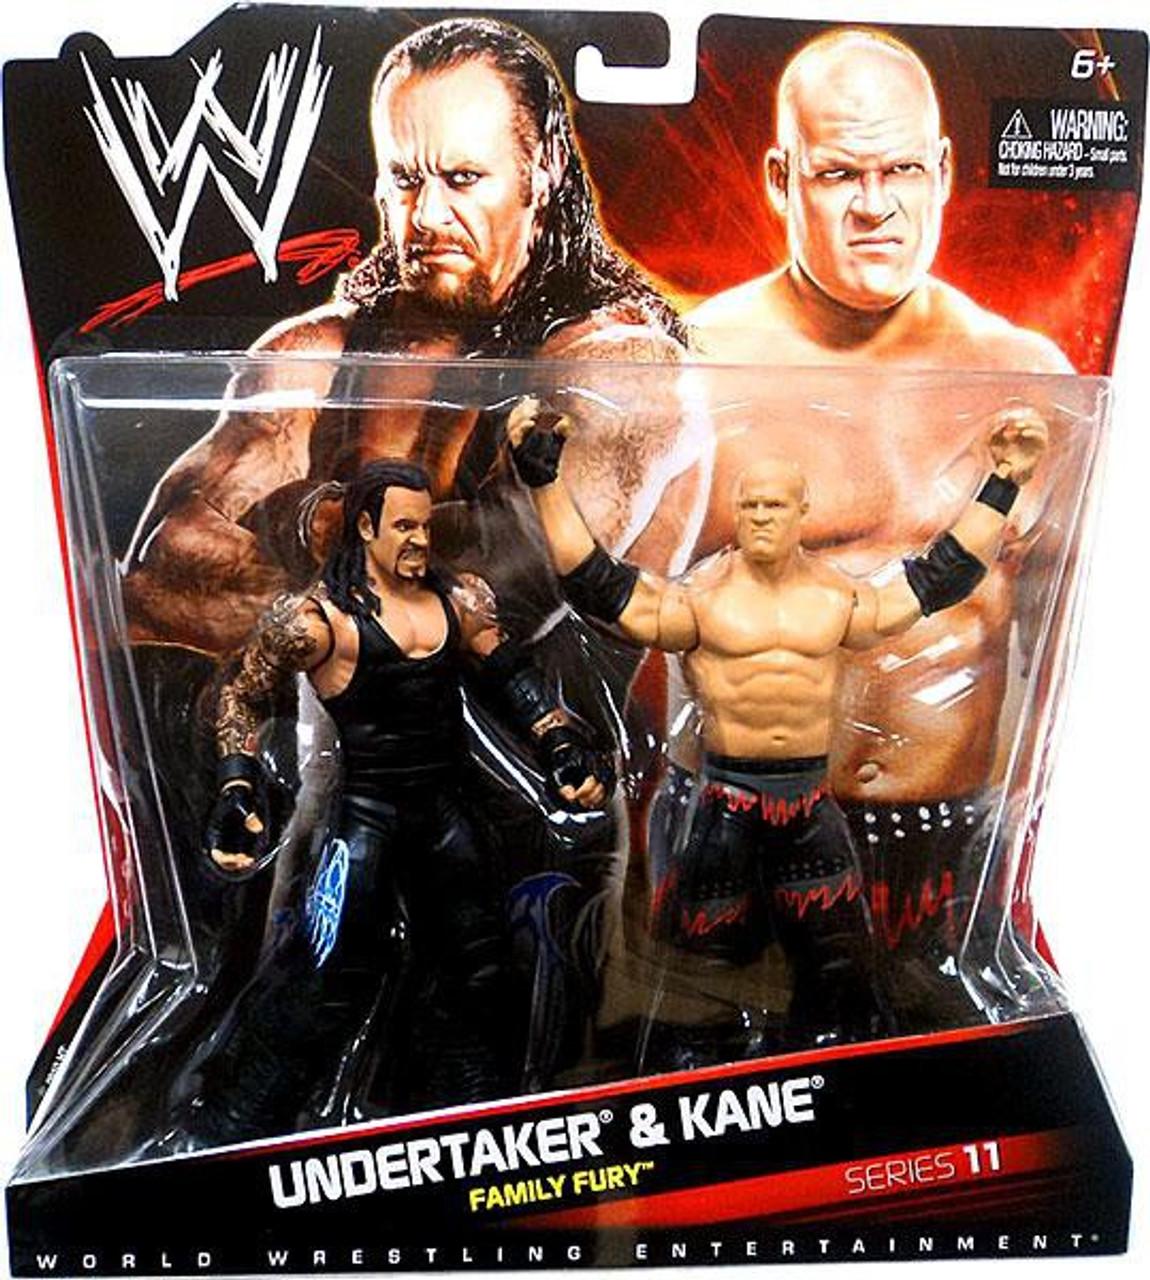 WWE Wrestling Series 11 Undertaker & Kane Action Figure 2-Pack